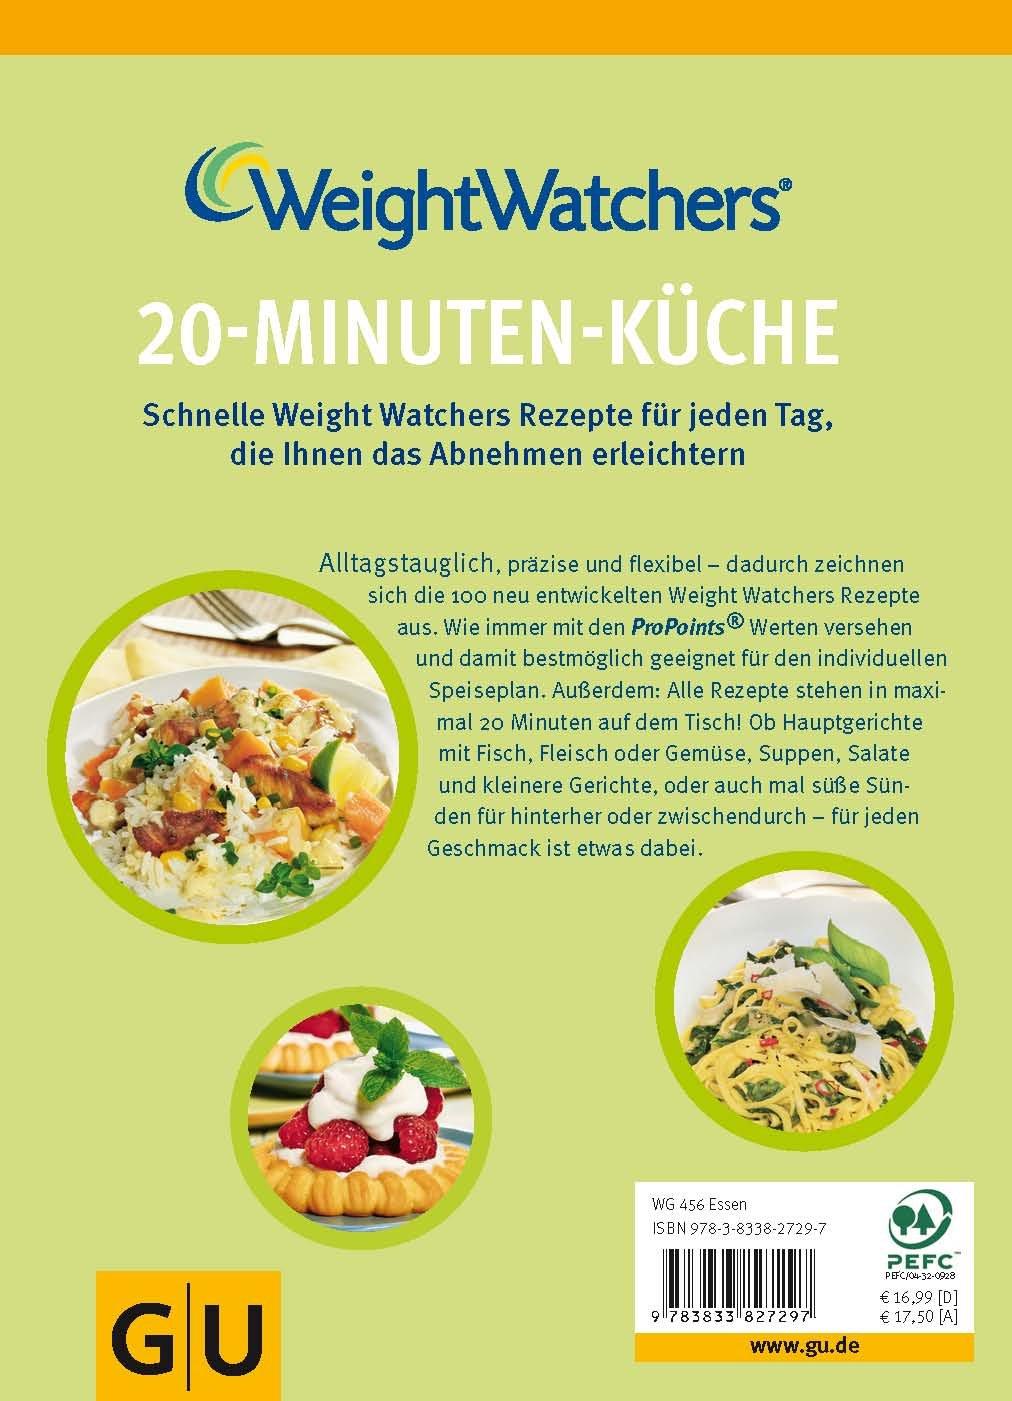 Weight Watchers 20-Minuten-Küche GU Diät&Gesundheit: Amazon.de ...